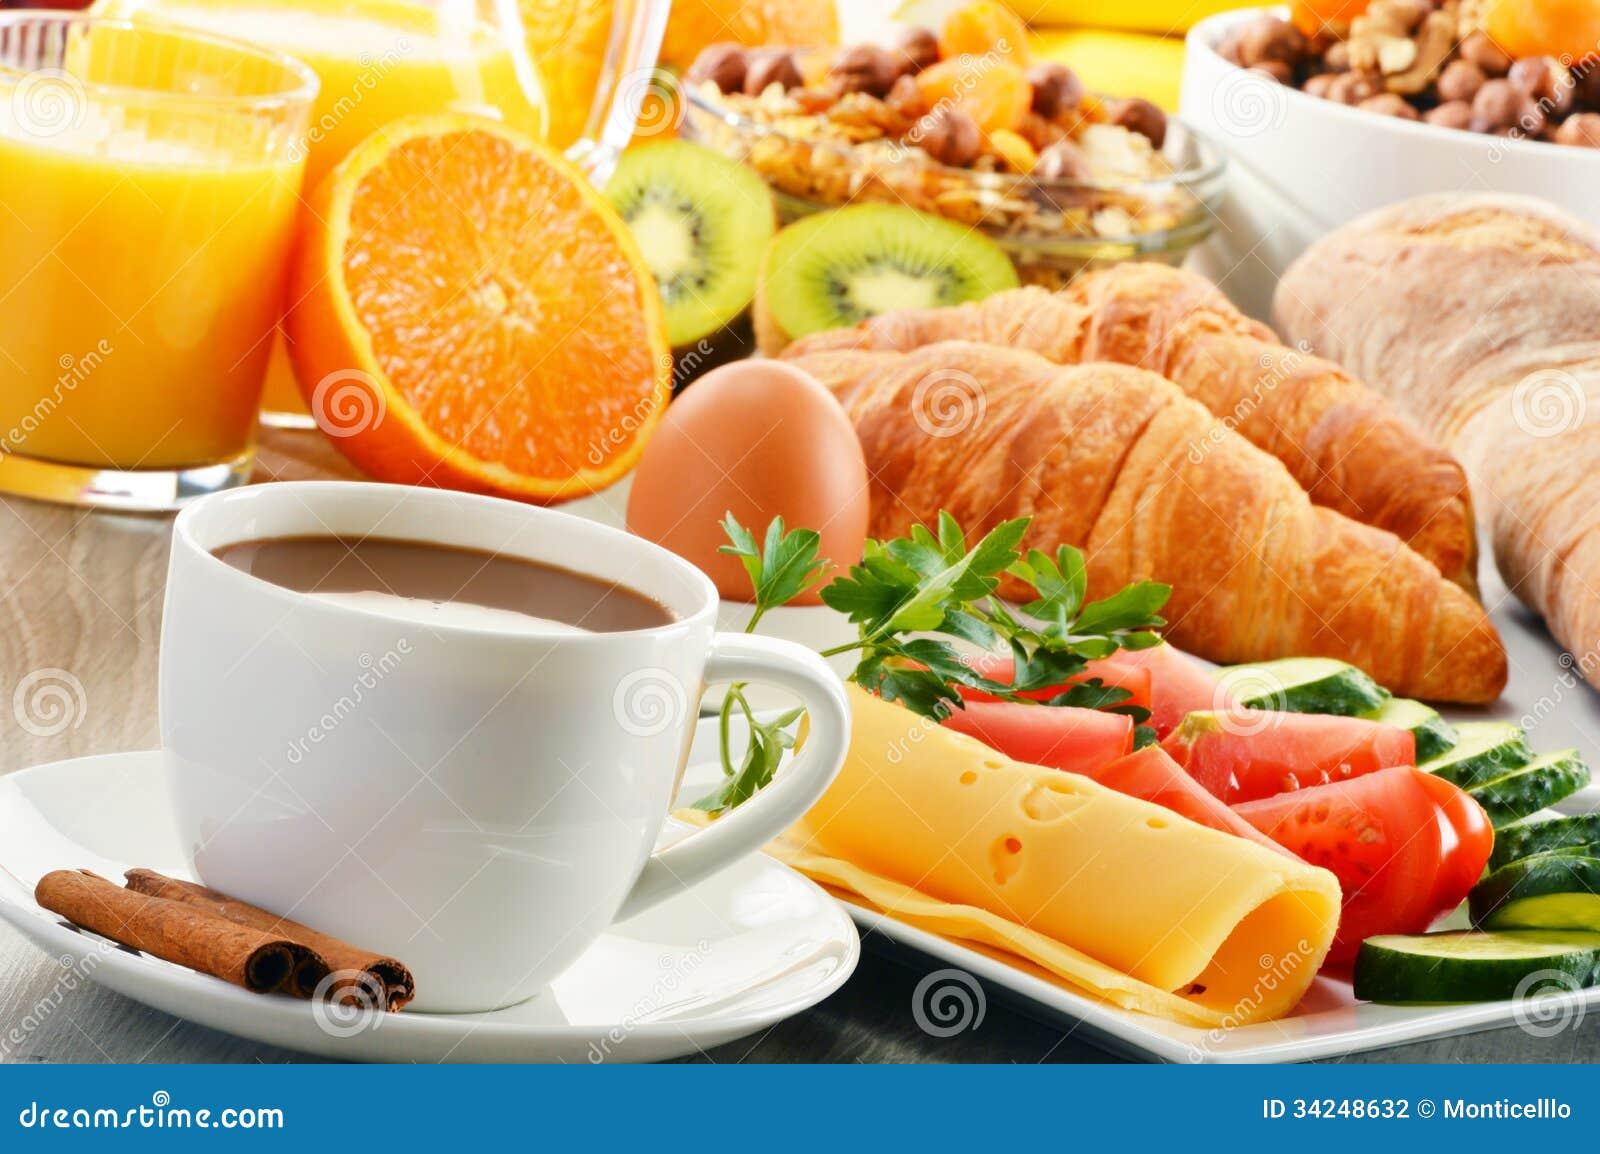 Ontbijt met koffie, jus d orange, croissant, ei, groenten